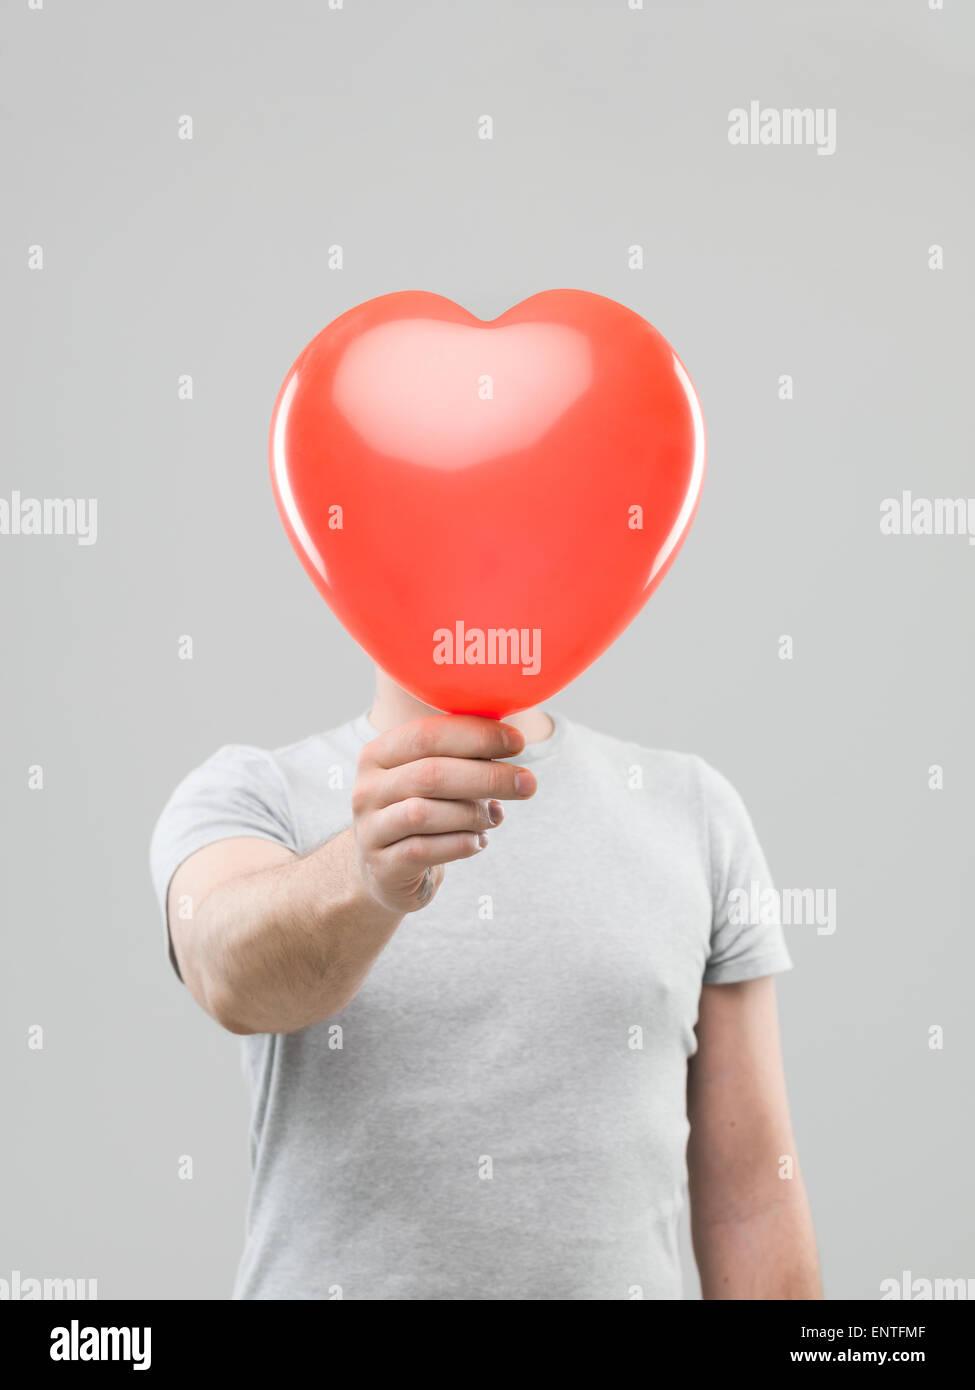 Hombre sujetando caucásica ballon en forma de corazón en la parte delantera de su cabeza, contra un fondo Imagen De Stock